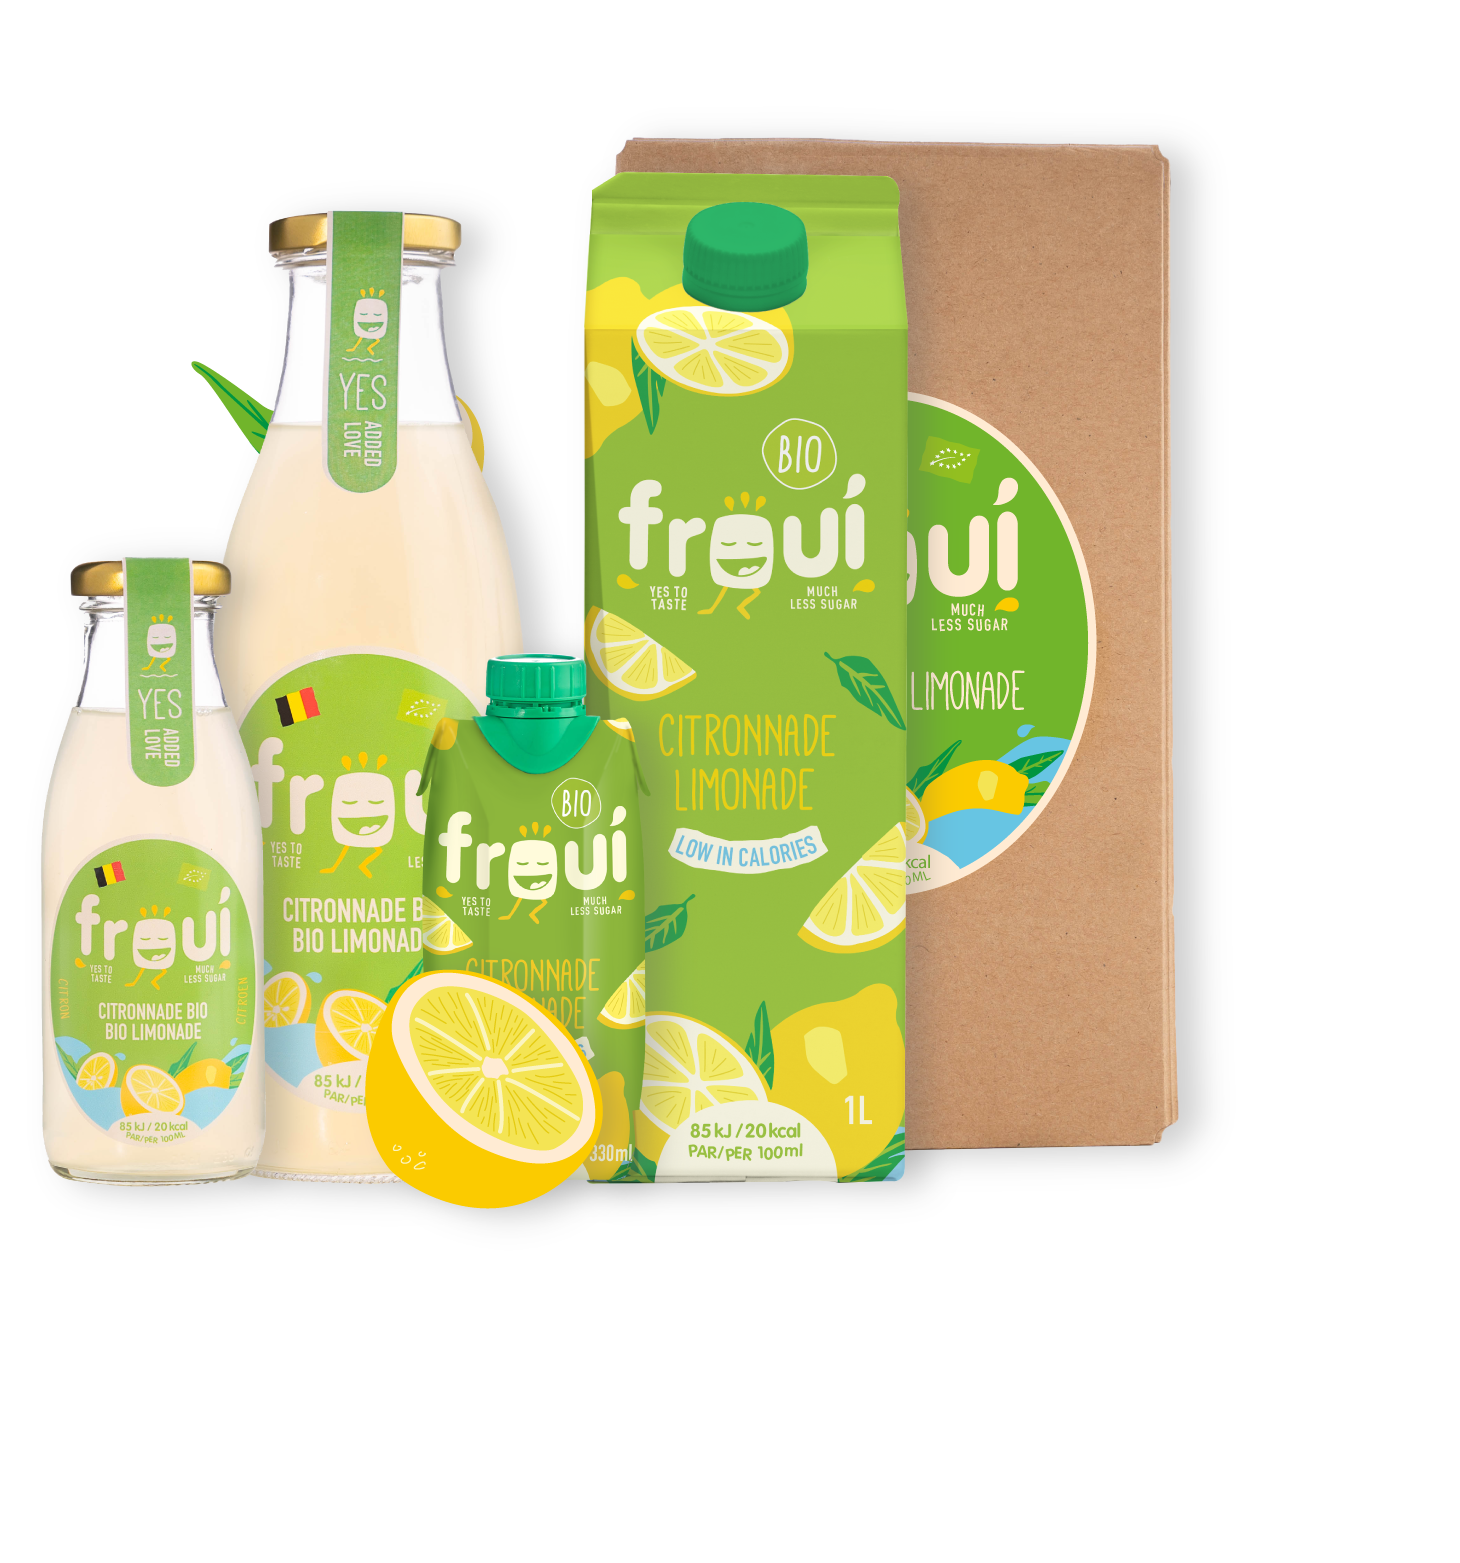 froui lemon drinks in several sizes